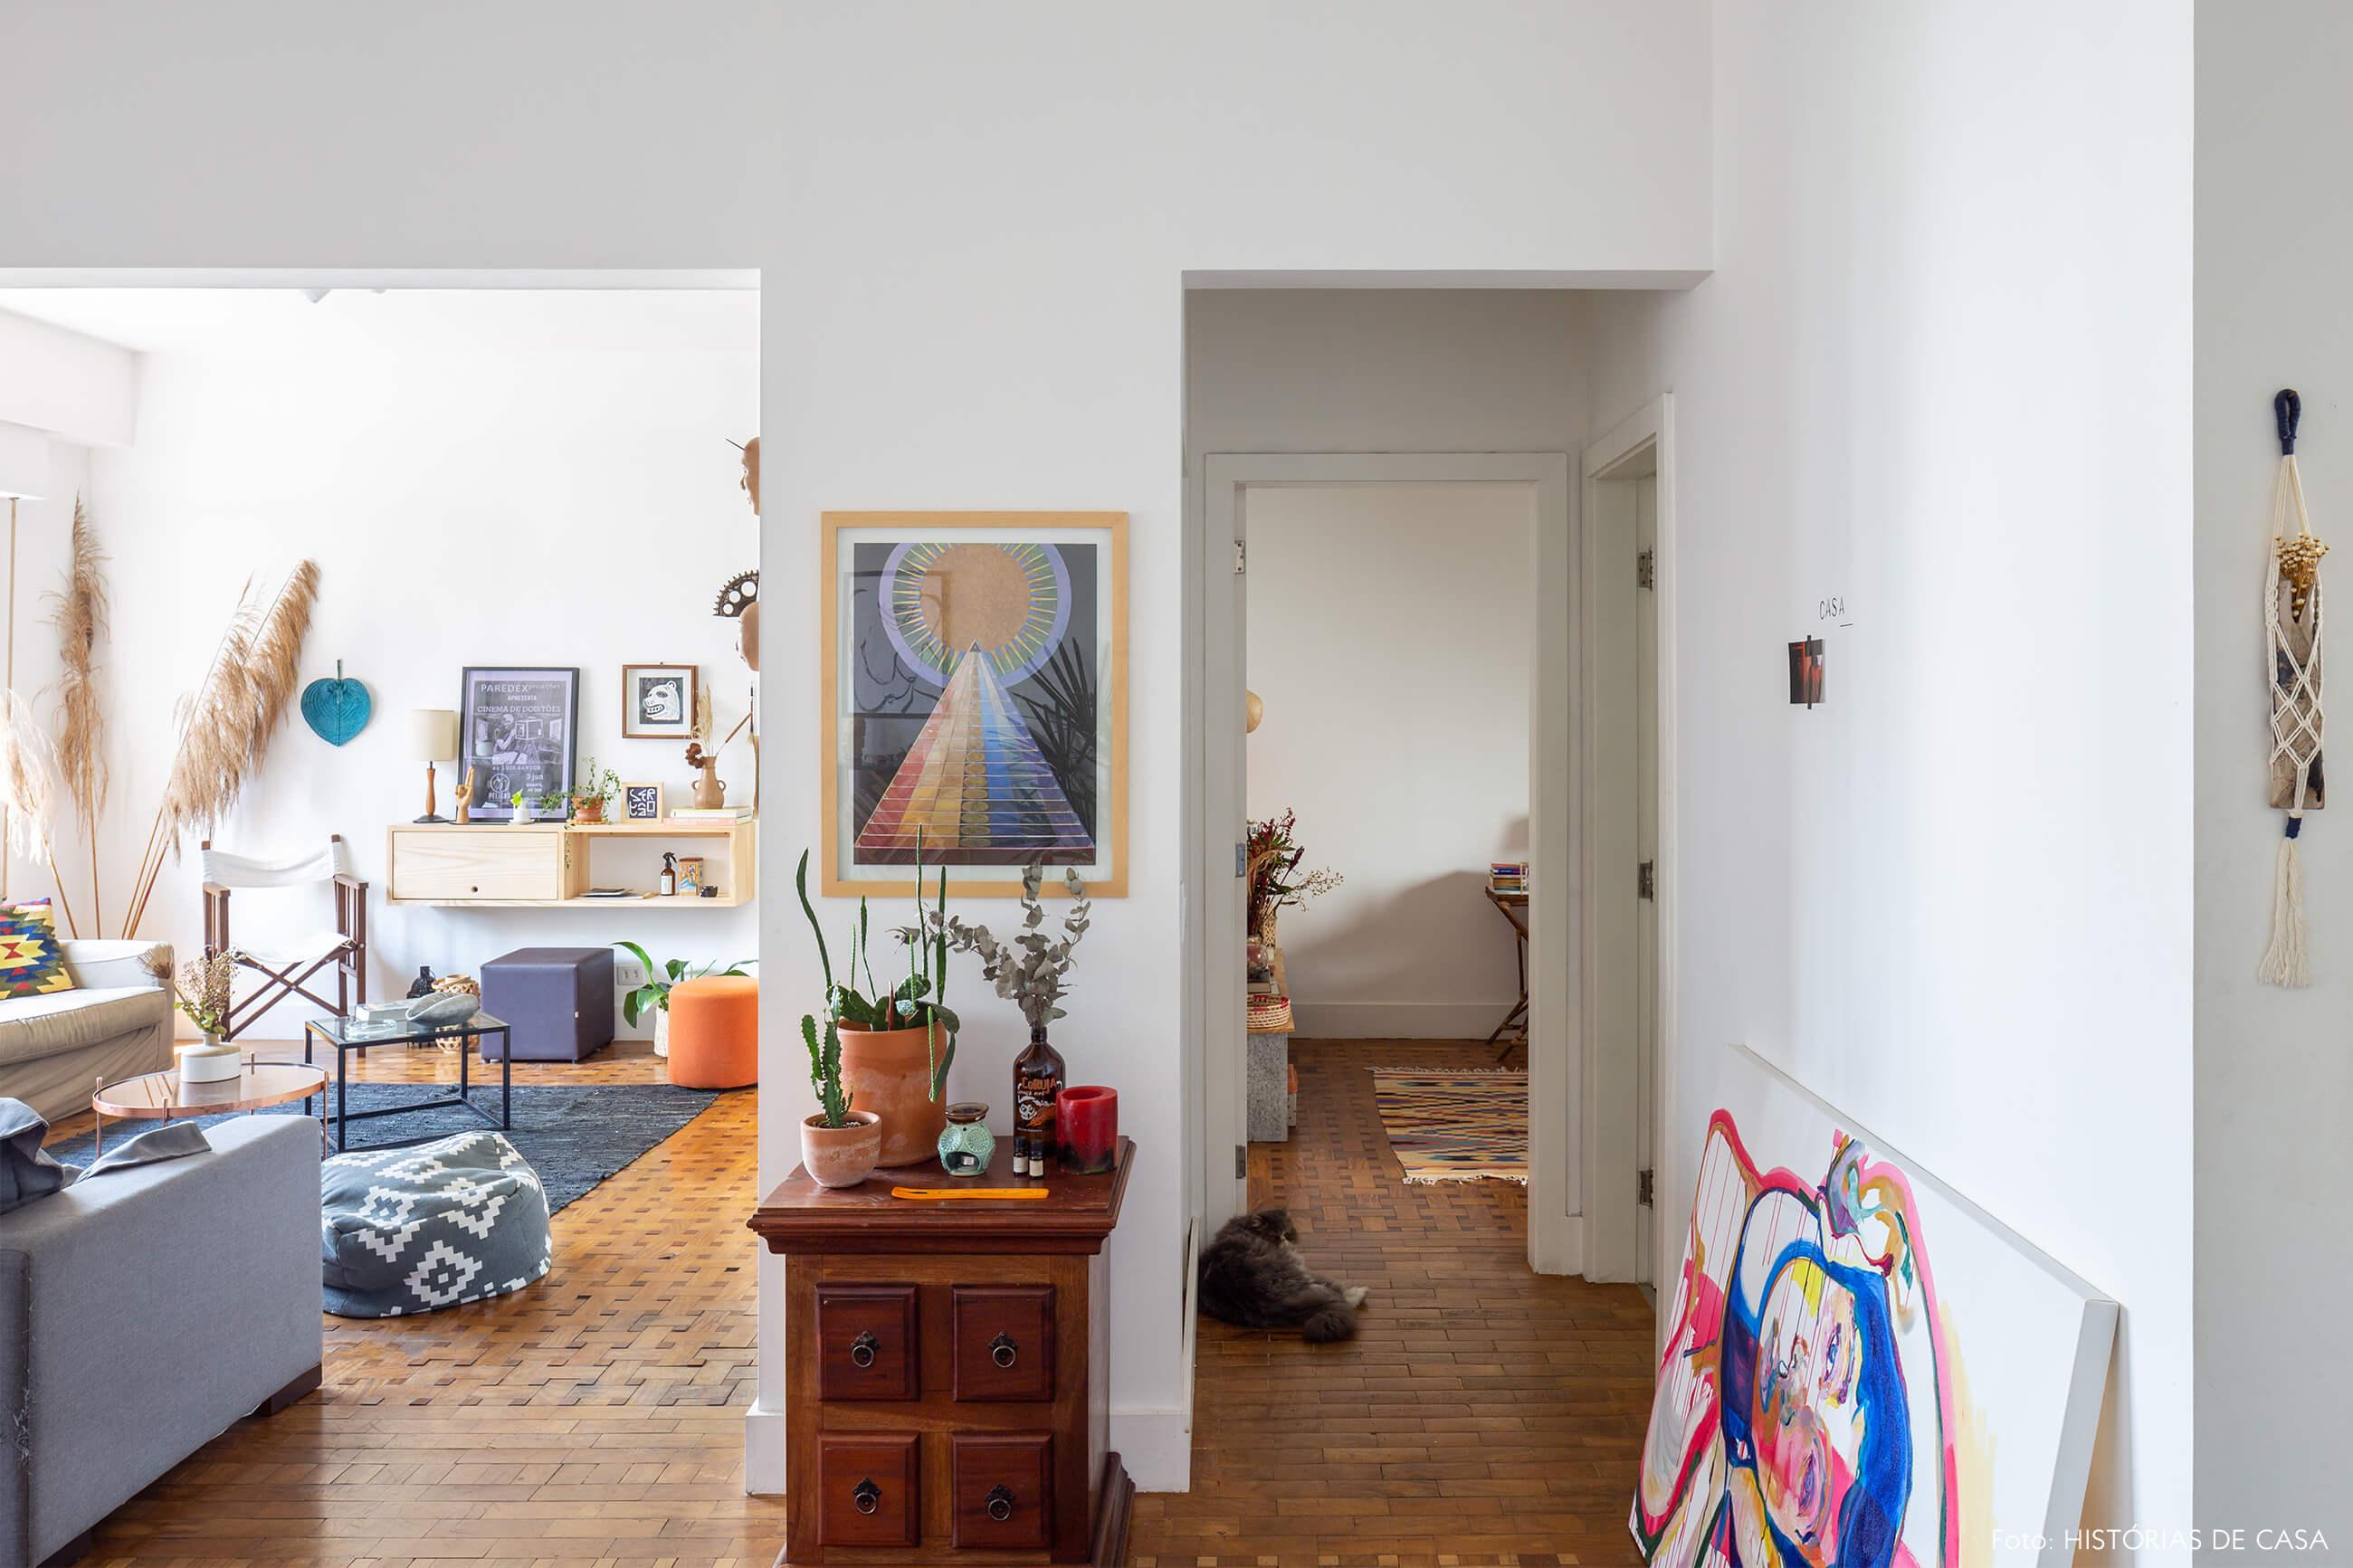 sala-com-piso-de-taco-de-madeira-pinturas-e-plantas